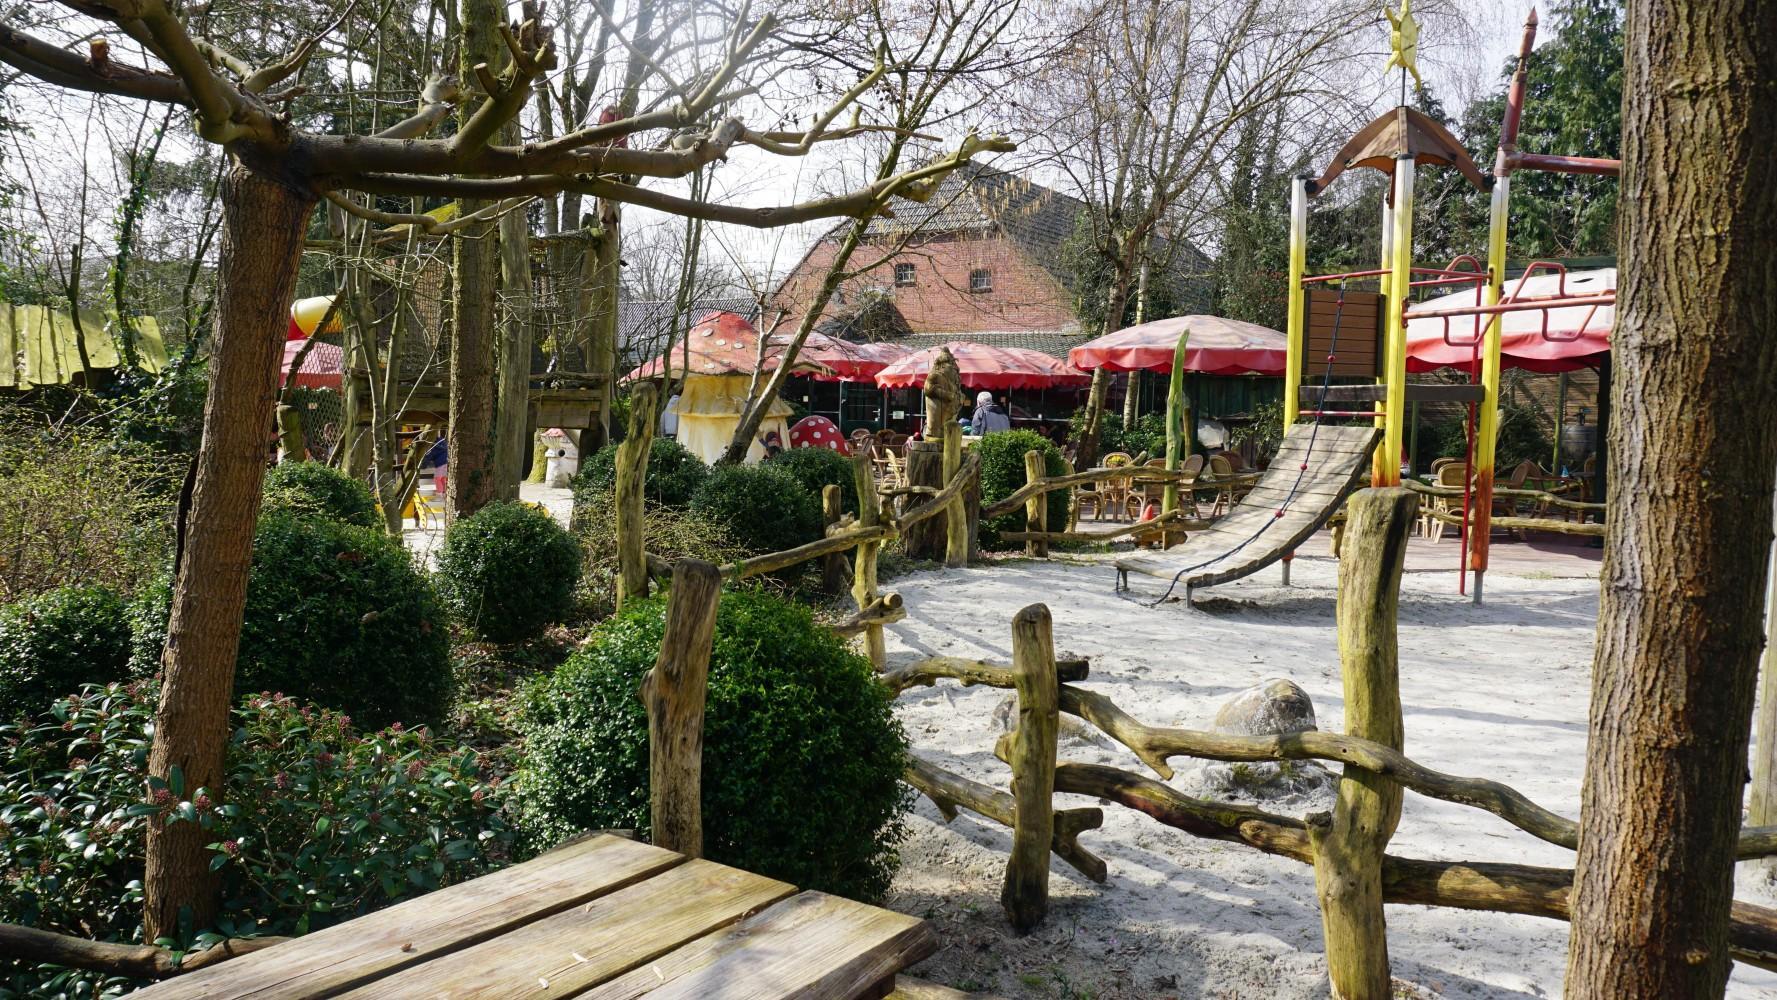 Kabouterland Exloo